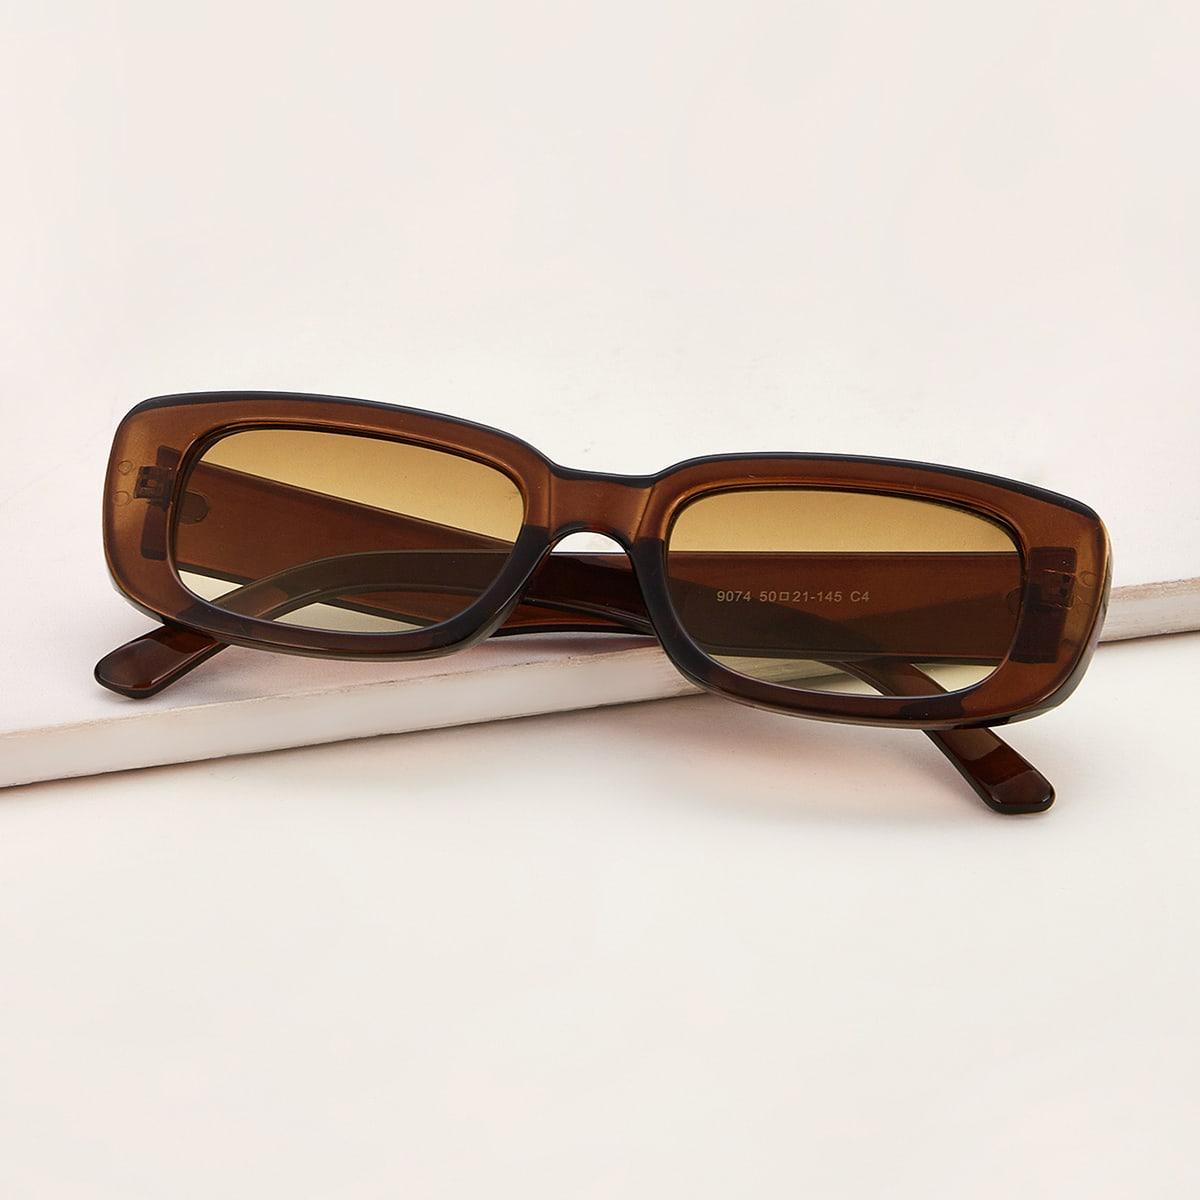 Прямоугольные солнечные очки с акриловой рамкой